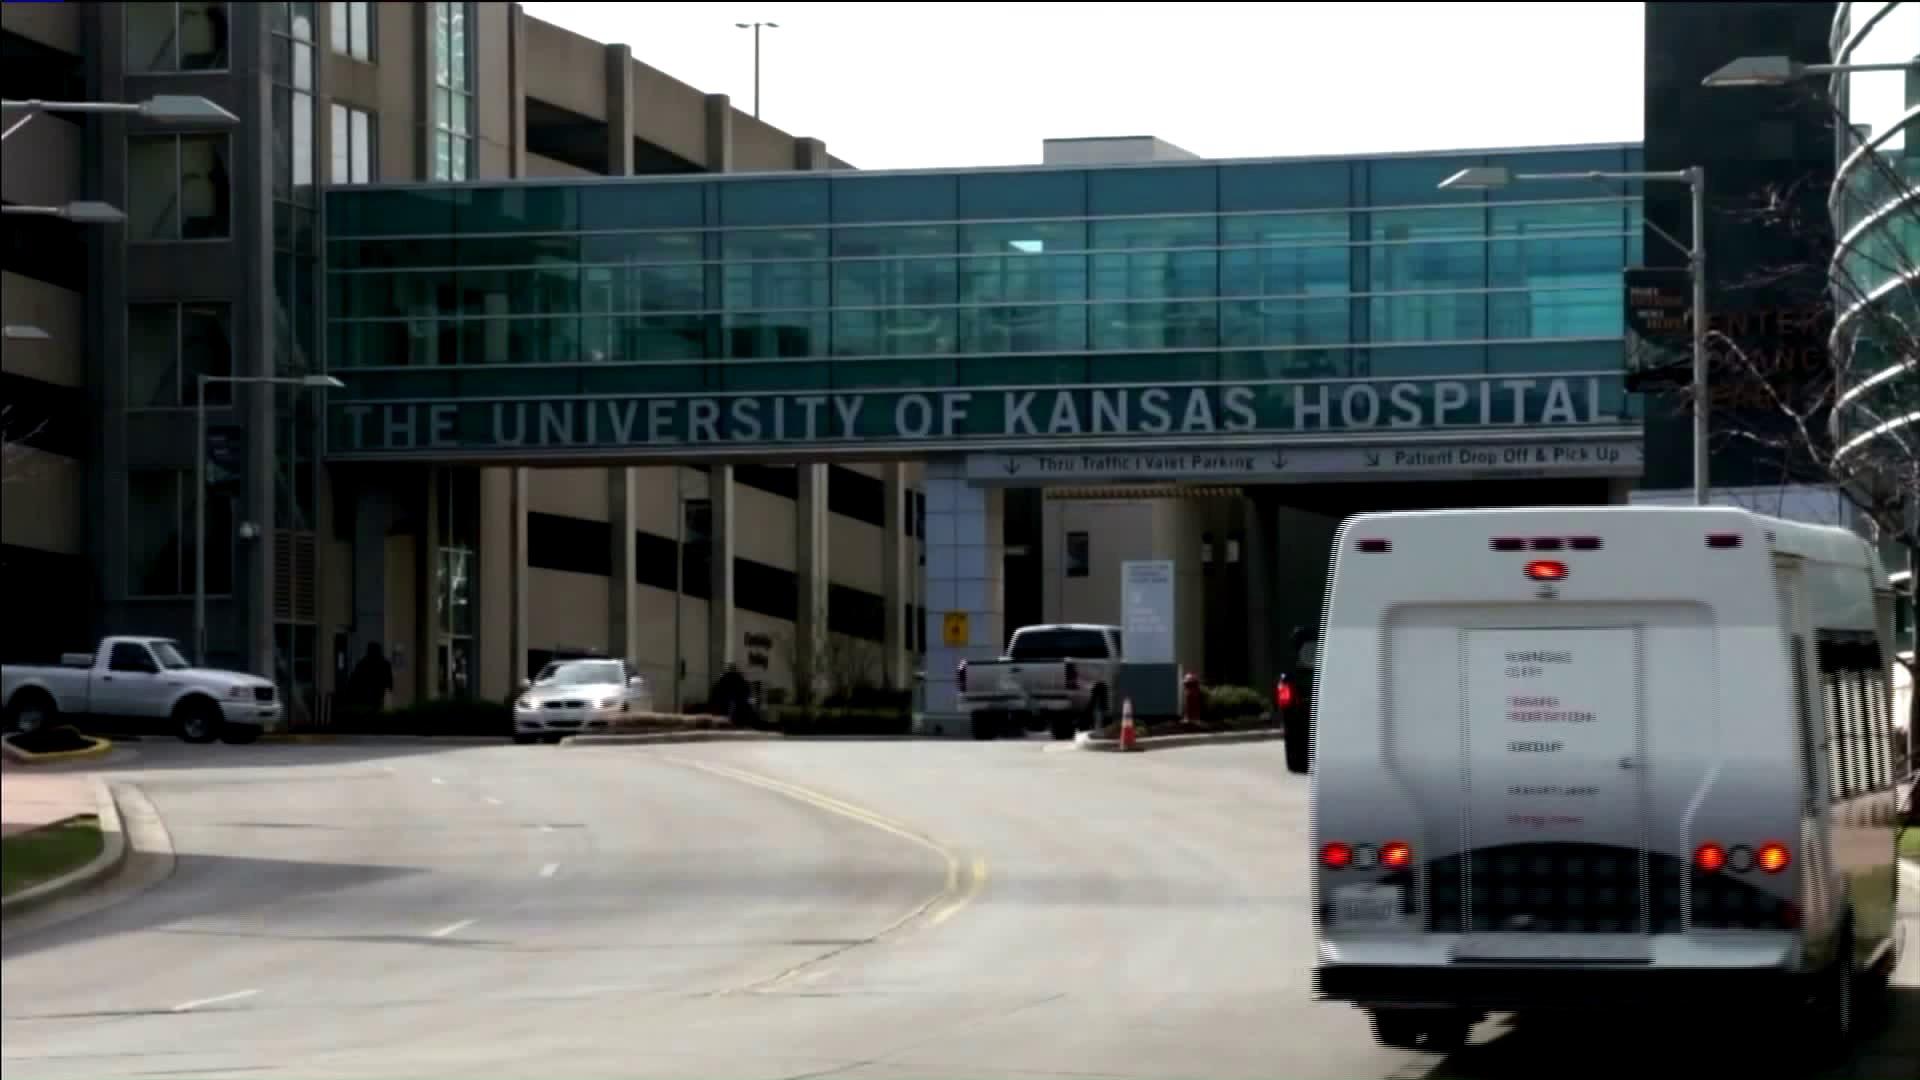 Picture of KU hospital